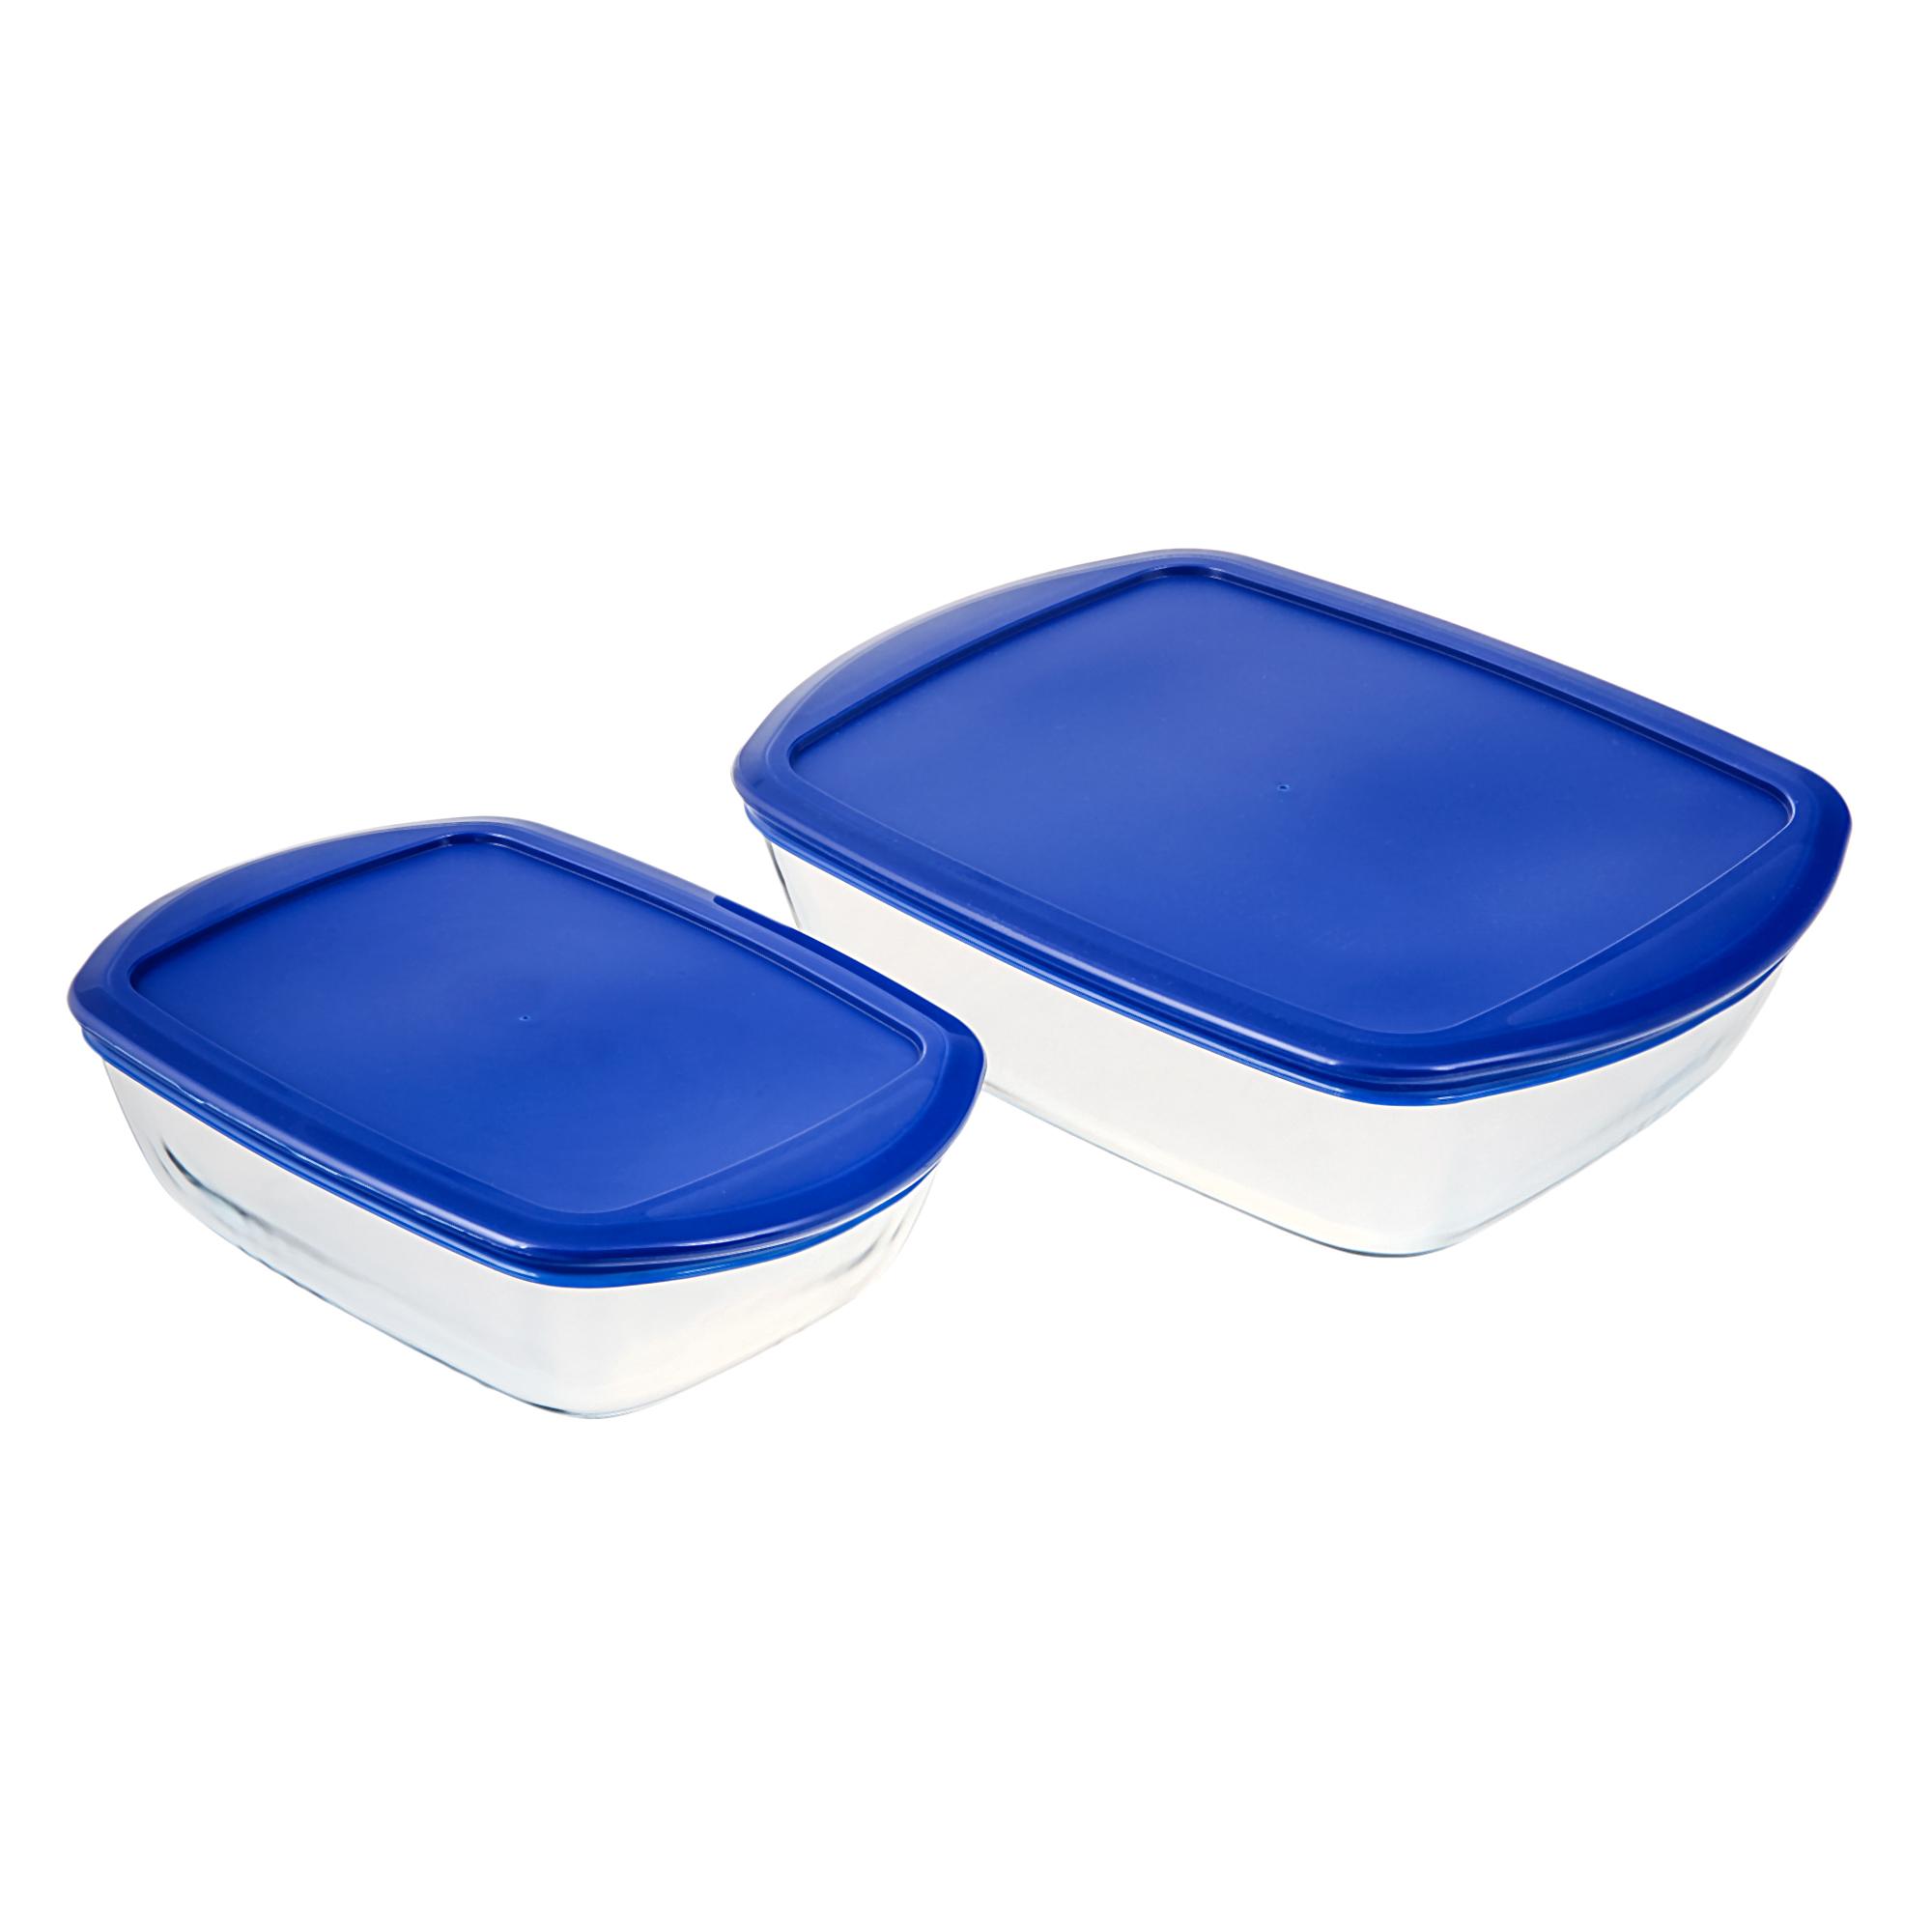 Купить Набор прямоугольных форм 2шт для запекания и хранения 1, 1/2, 75 л Pyrex, Франция, закаленное боросиликатное стекло, пластик